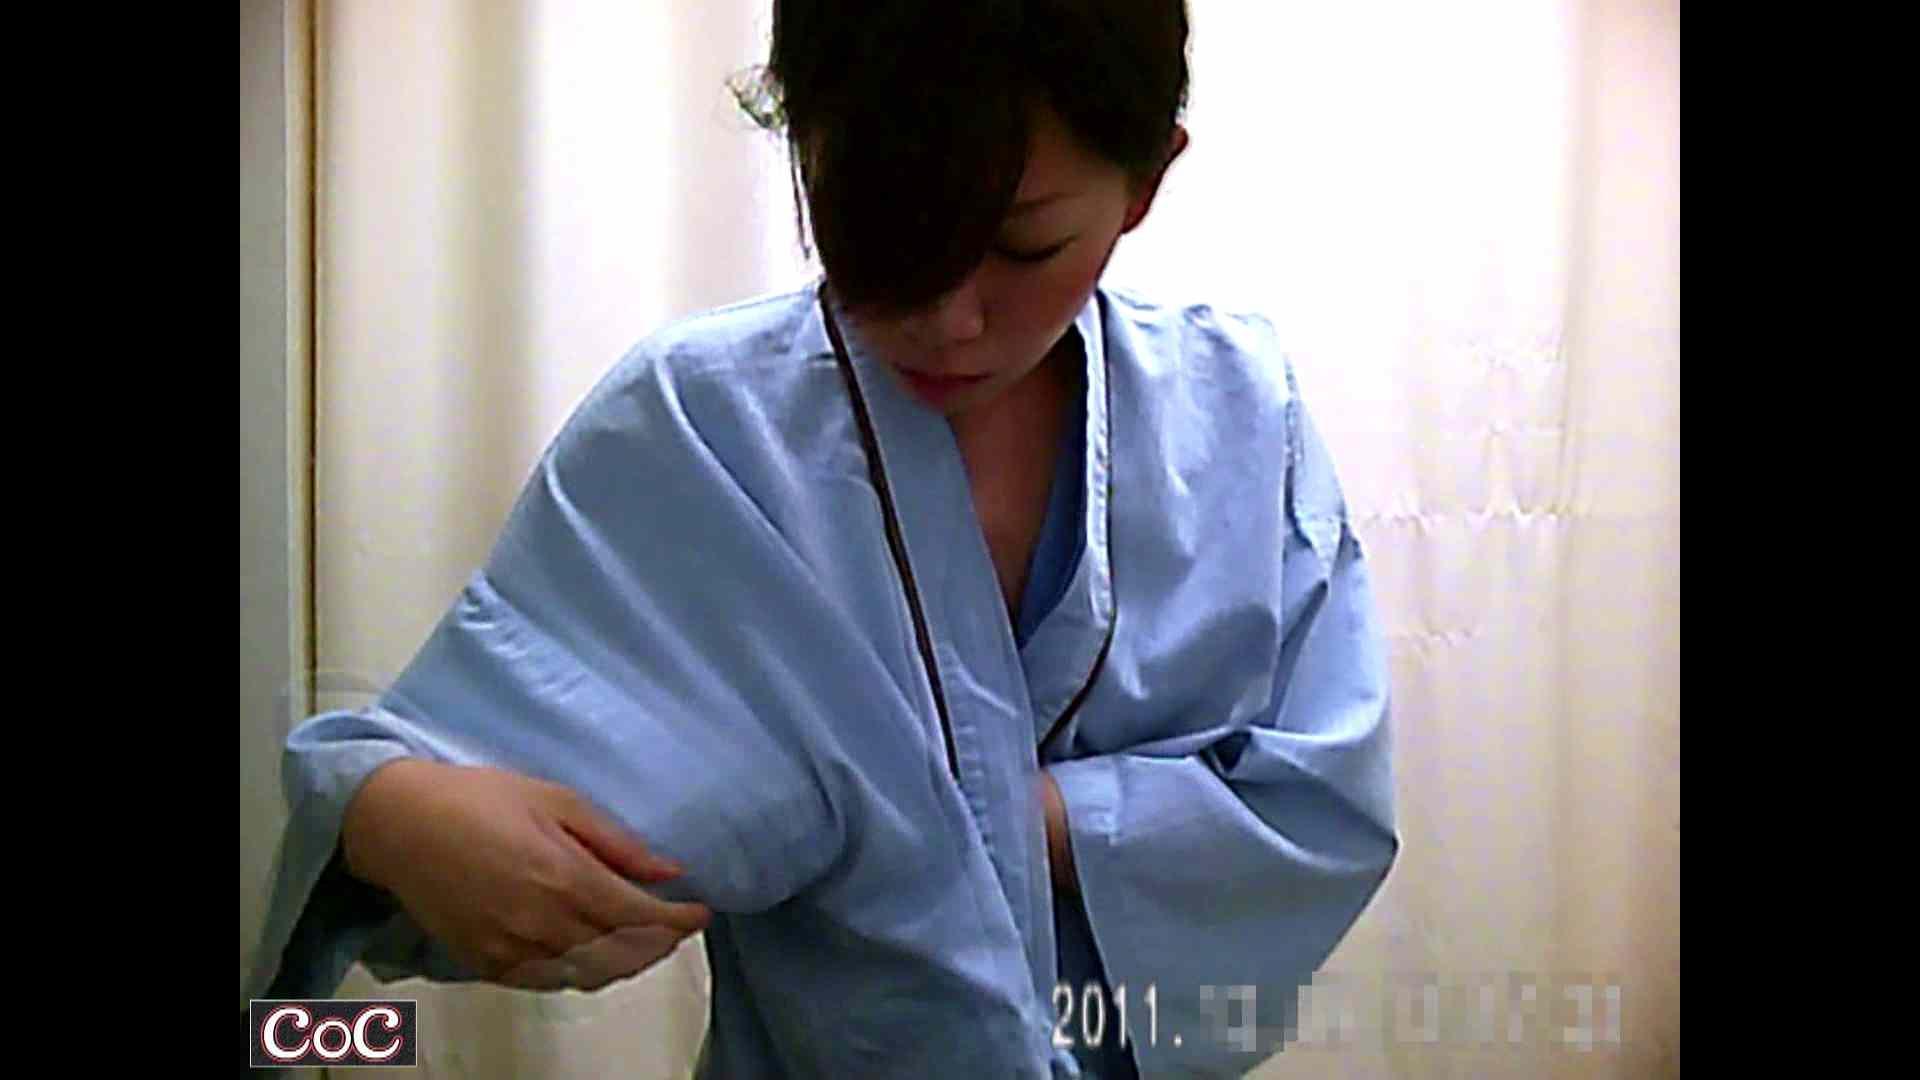 元医者による反抗 更衣室地獄絵巻 vol.178 OL  79pic 4